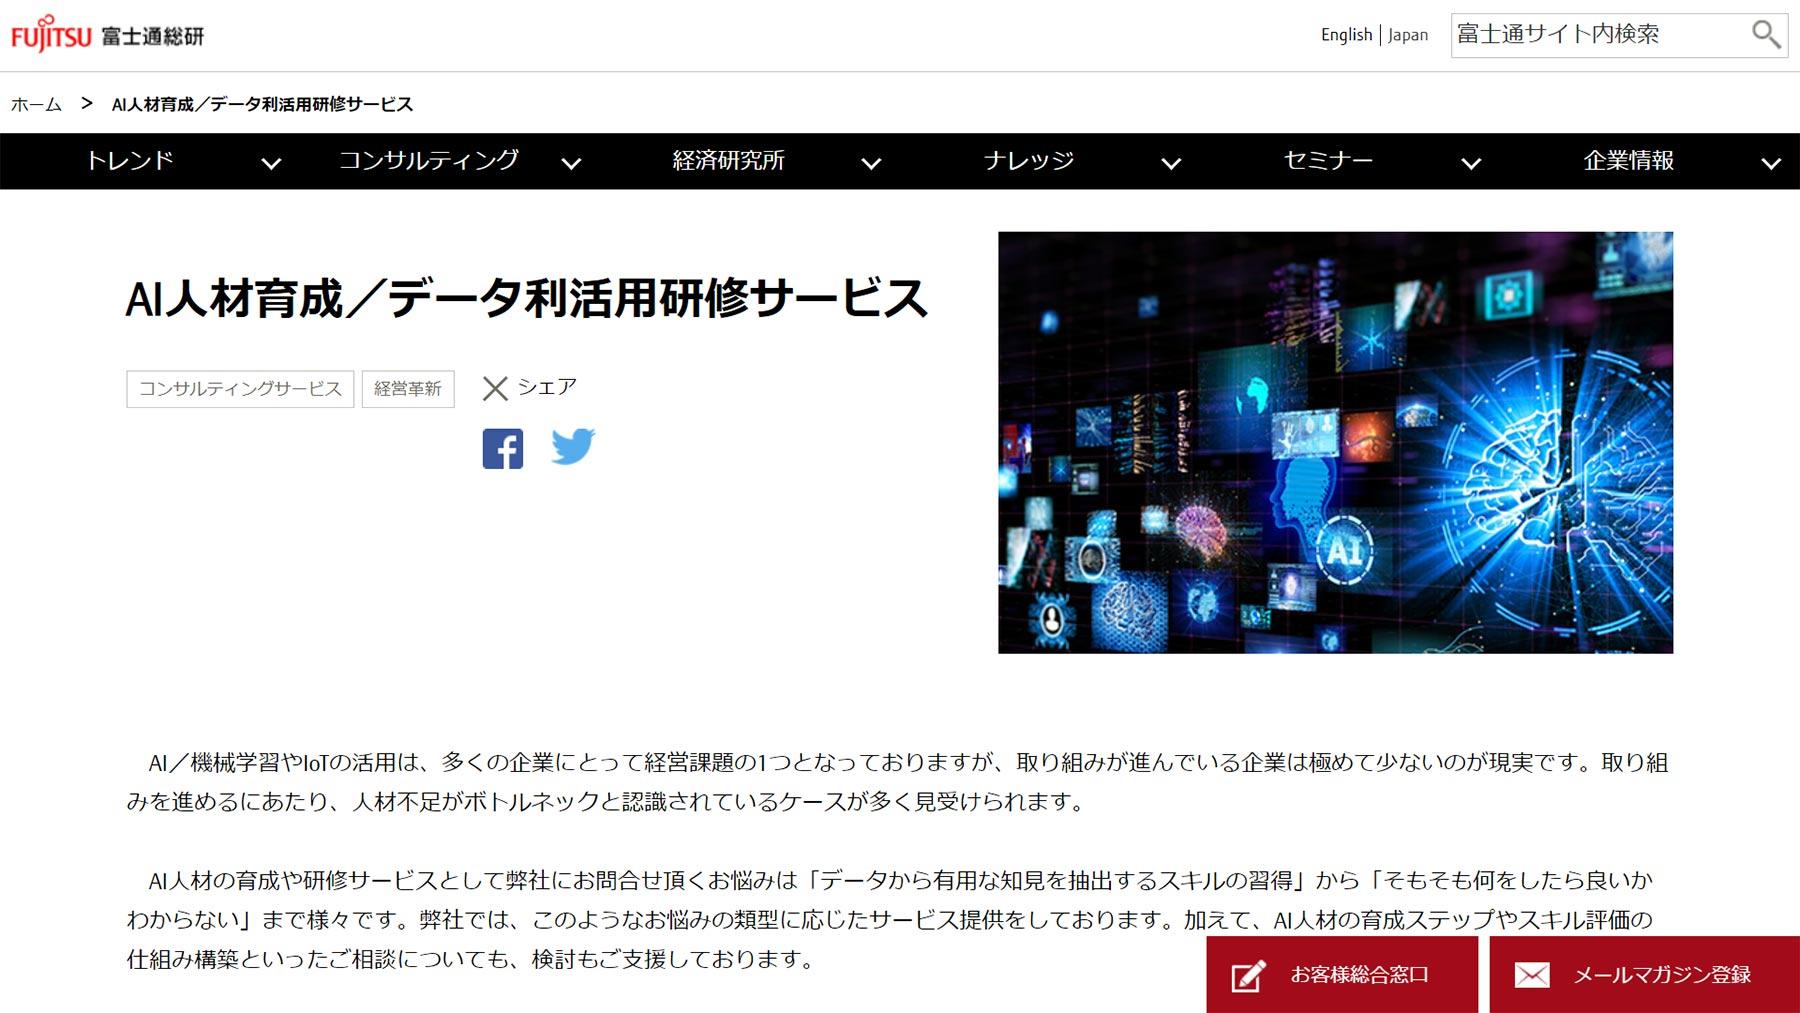 AI人材育成/データ利活用研修サービス